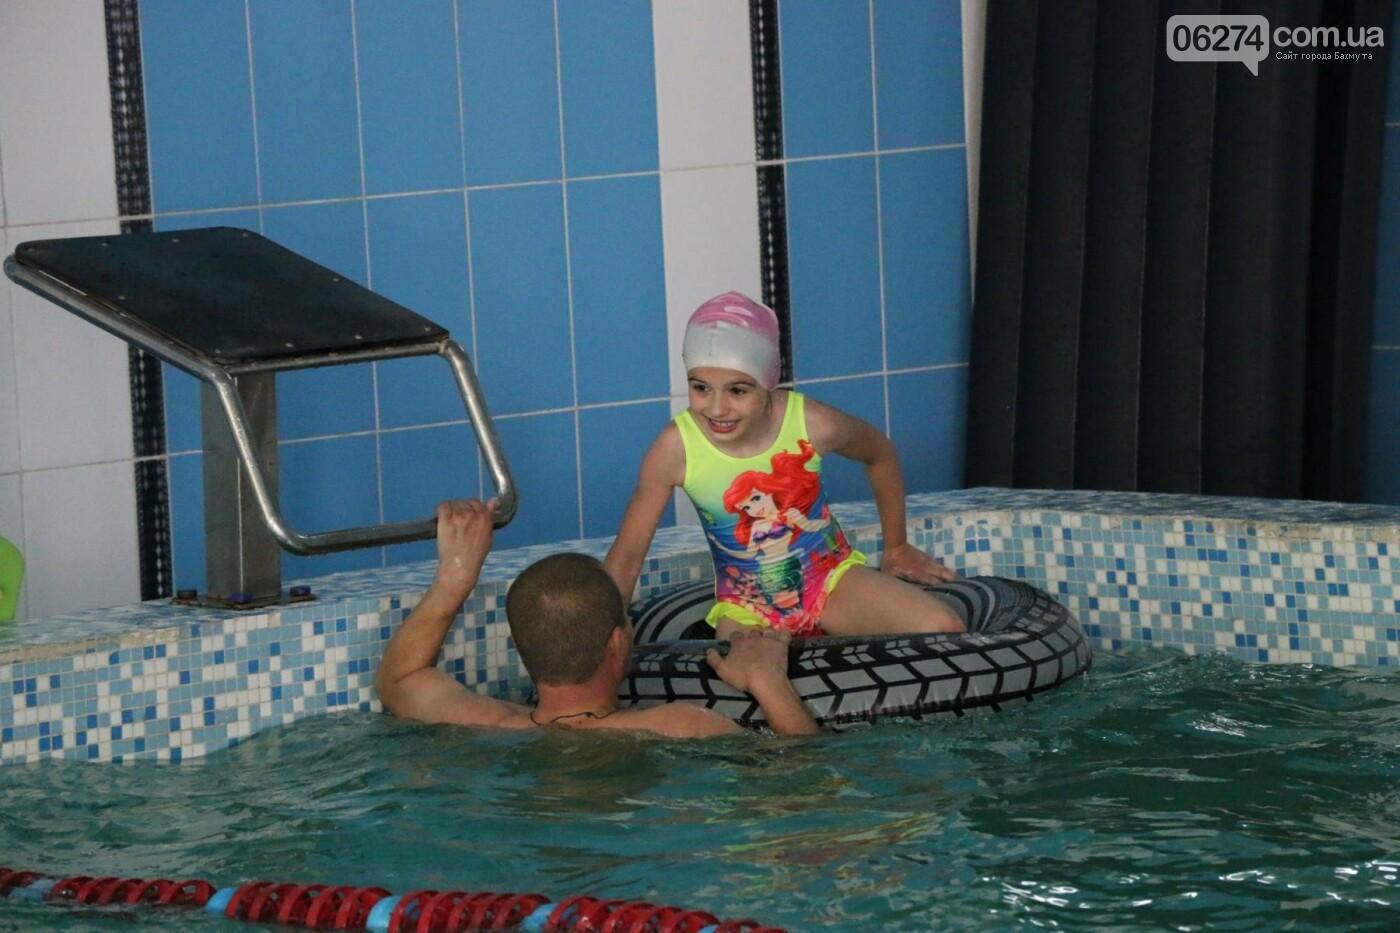 В Бахмуте ко Дню матери и Дню семьи провели семейный заплыв, фото-23